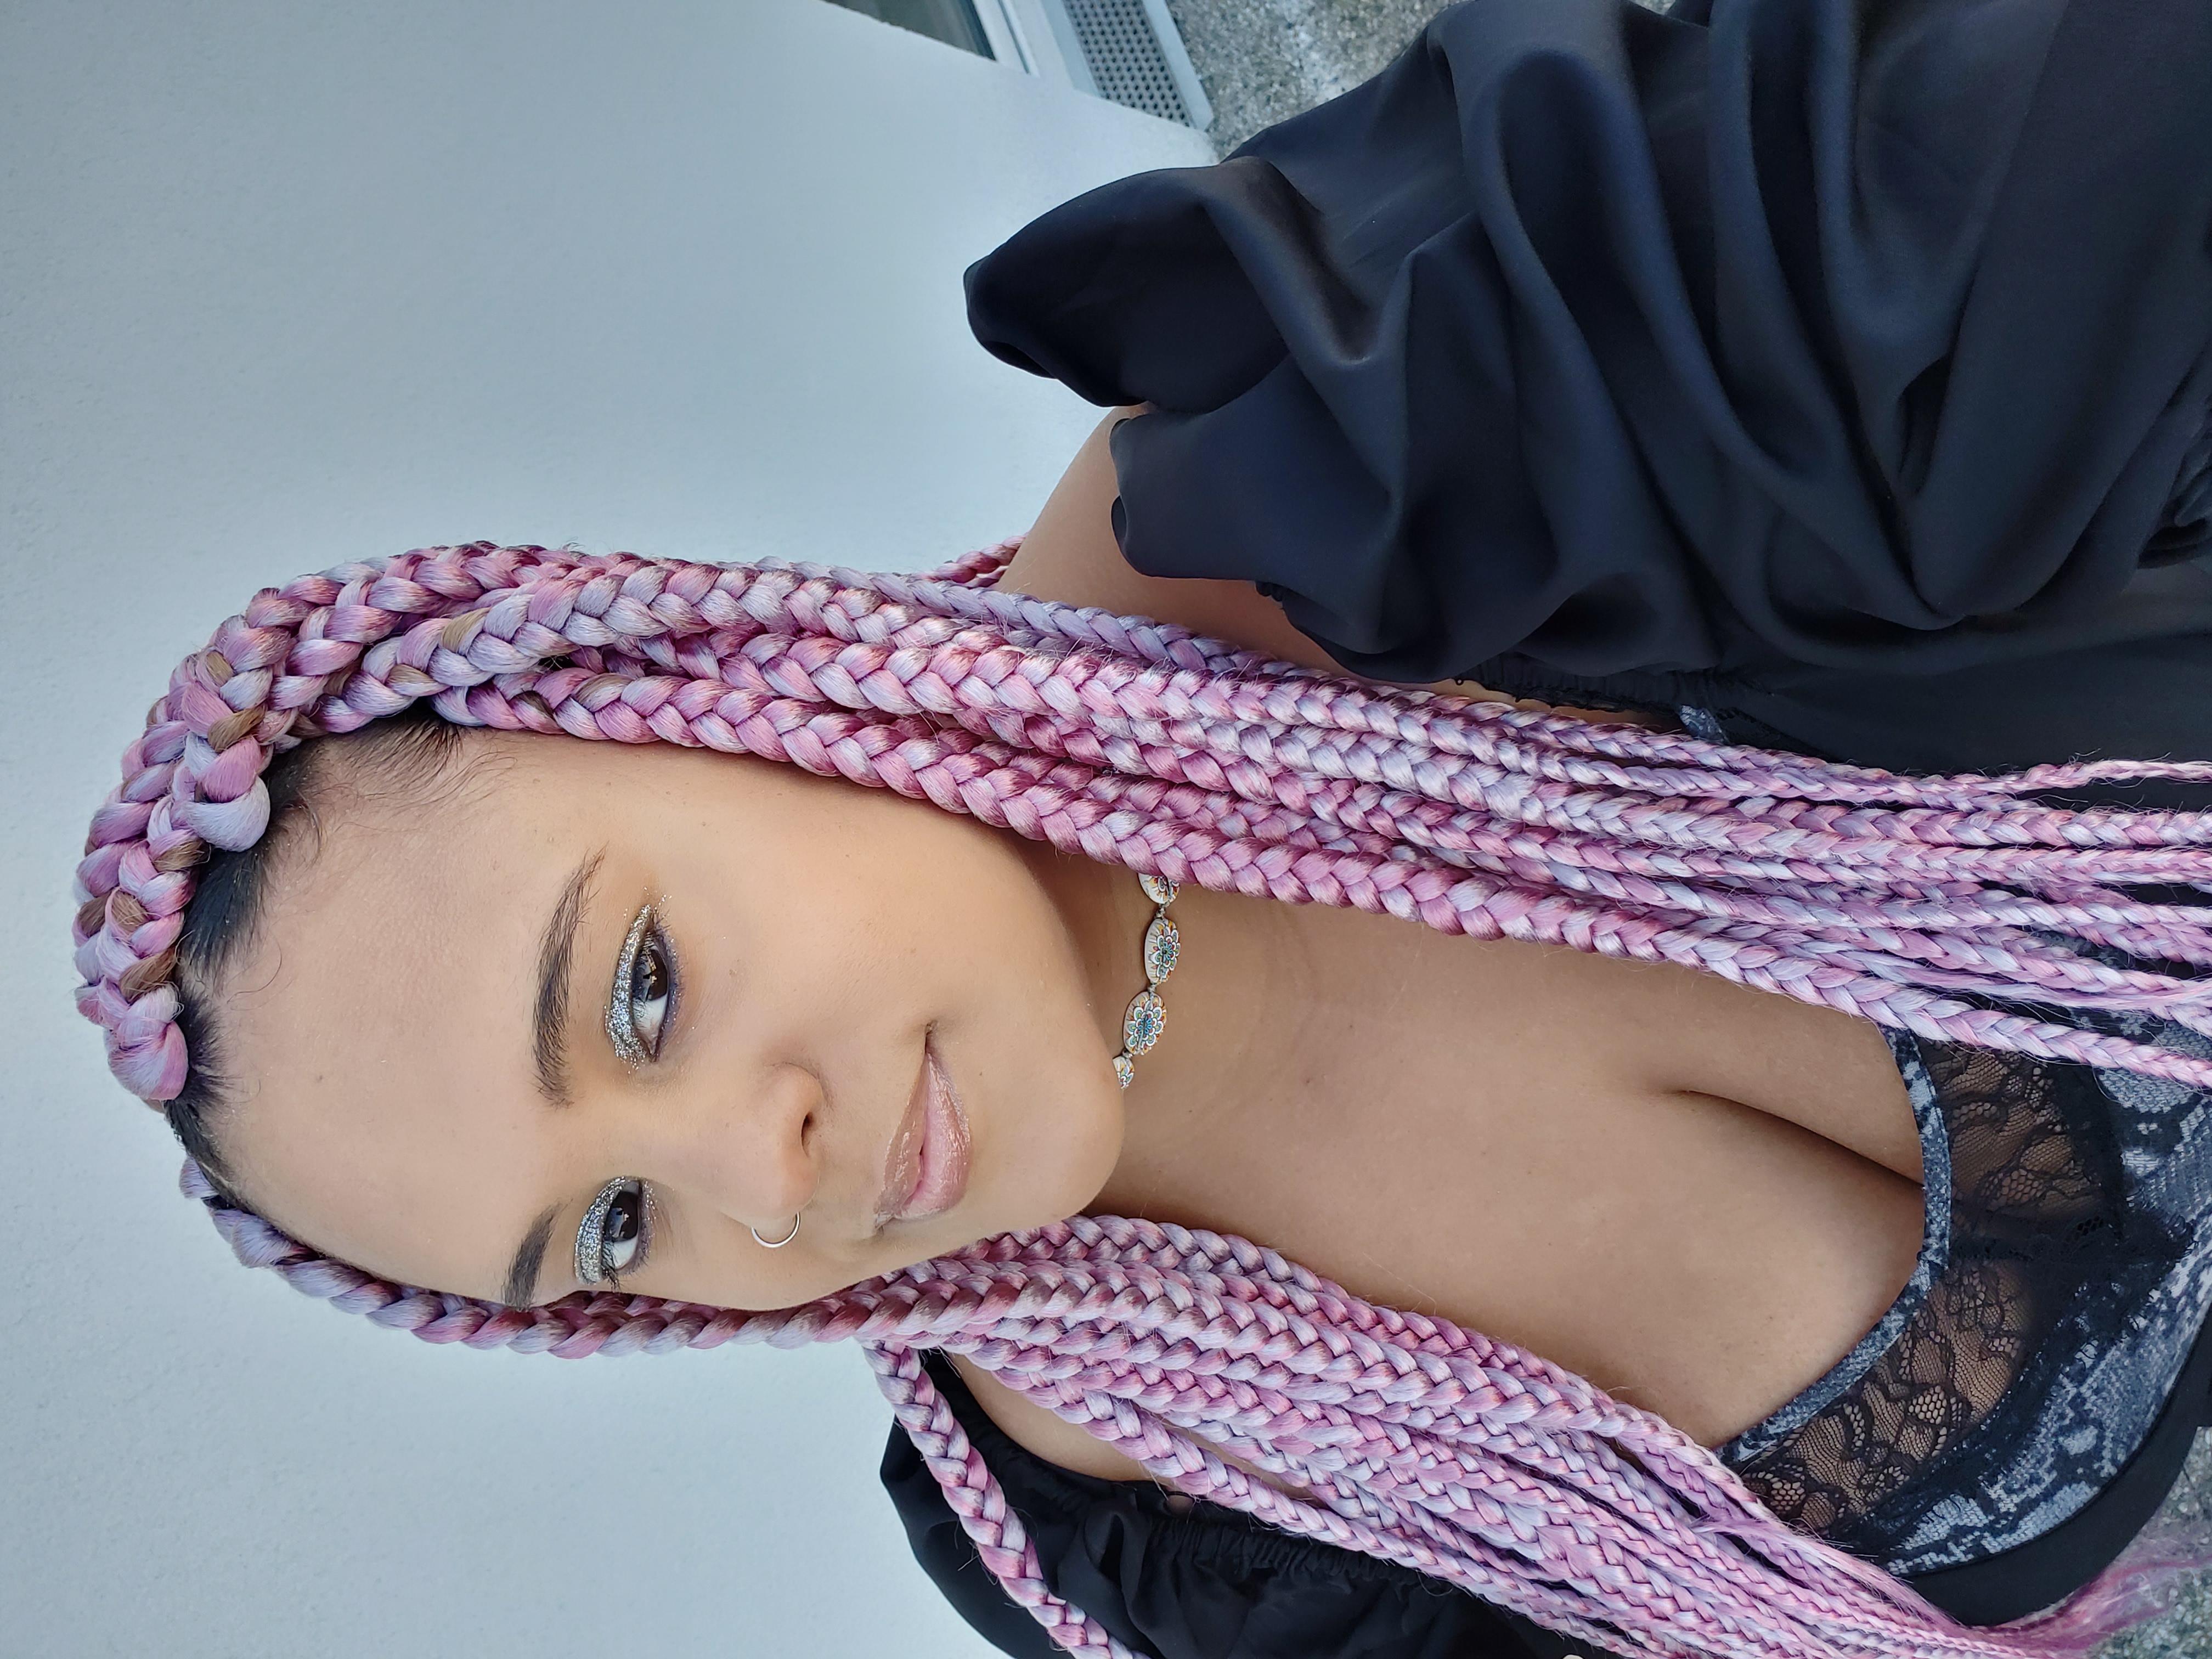 salon de coiffure afro tresse tresses box braids crochet braids vanilles tissages paris 75 77 78 91 92 93 94 95 TNUFVQCE